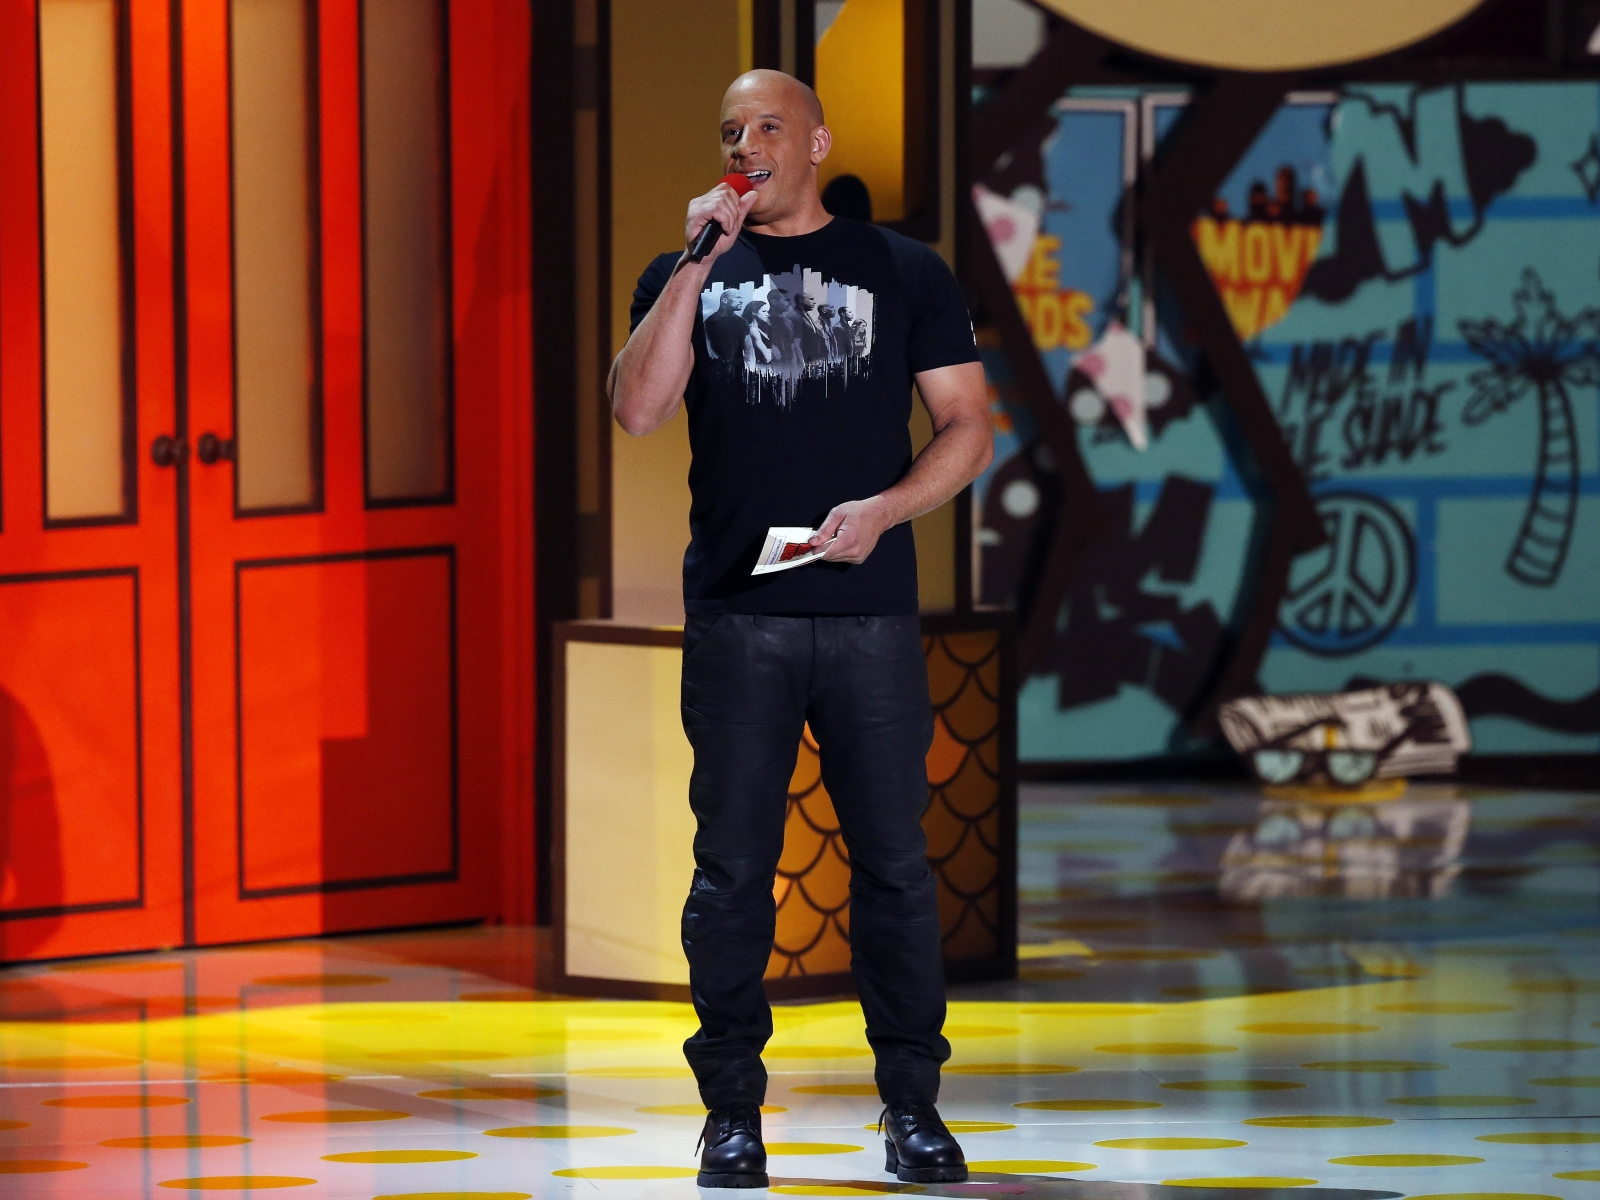 Vin Diesel at the MTV Movie Awards